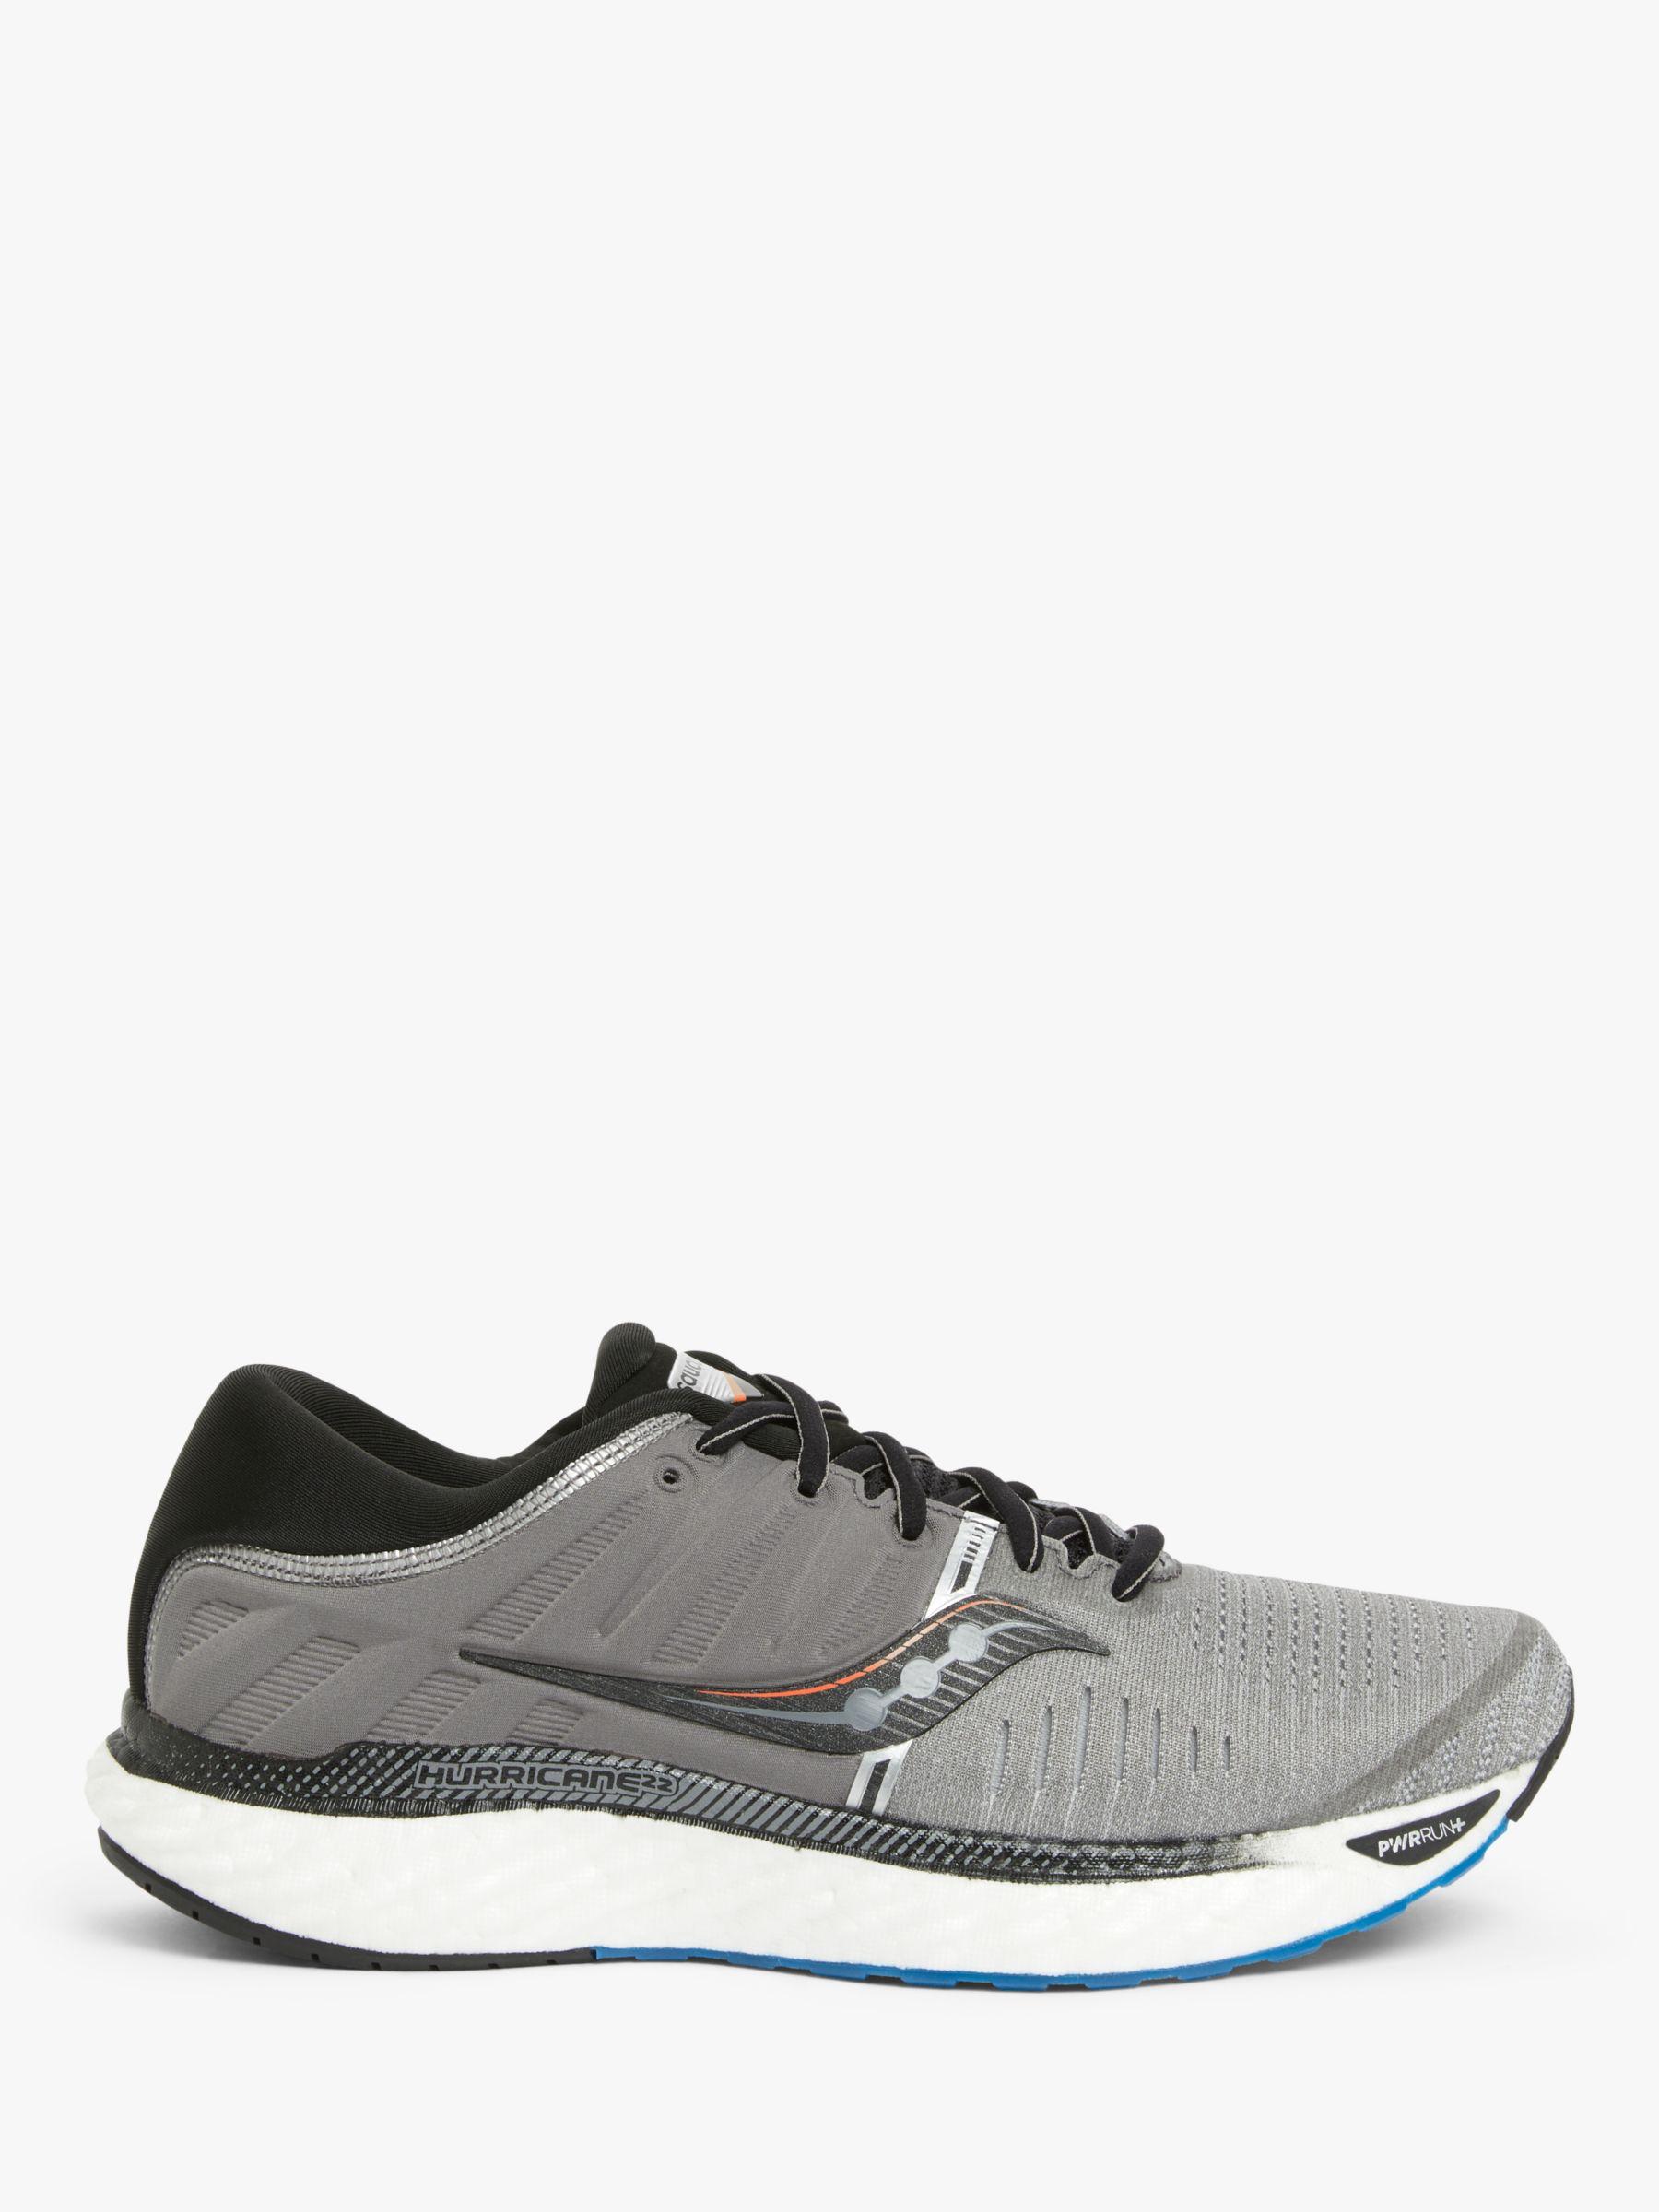 Saucony Saucony Hurricane 22 Men's Running Shoes, Grey/Black